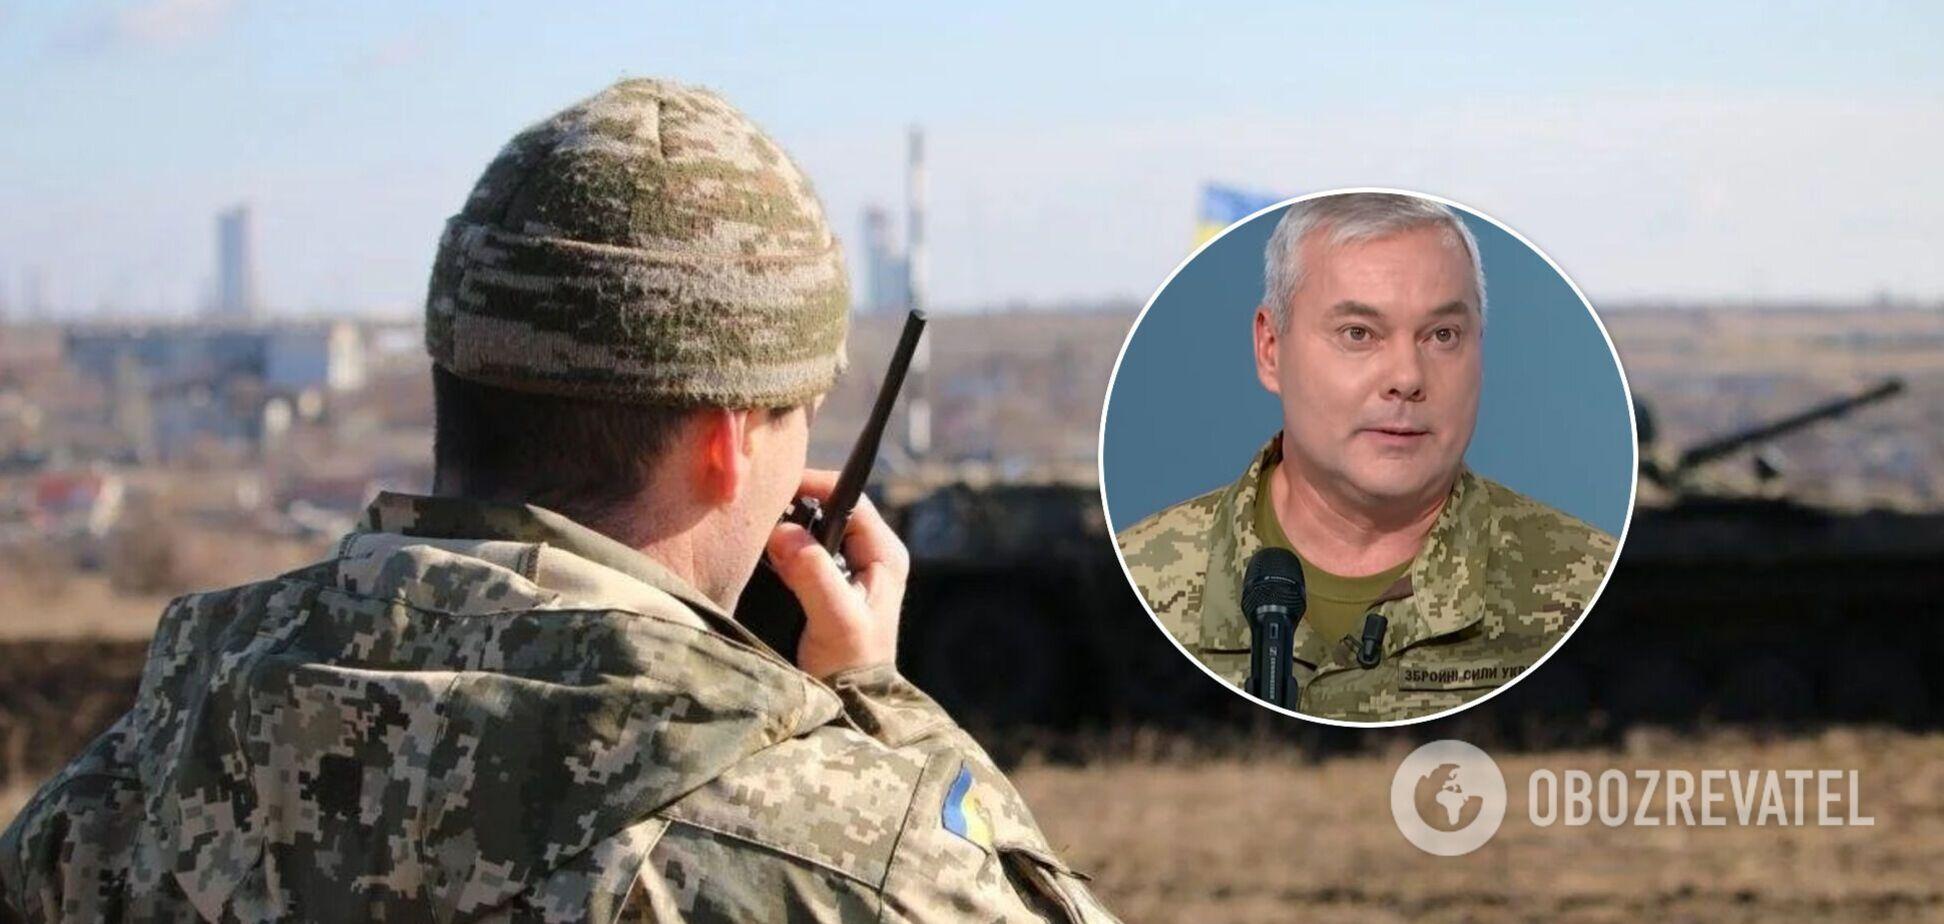 Командующий Объединенных сил оценил вероятность наступления оккупантов на Донбассе